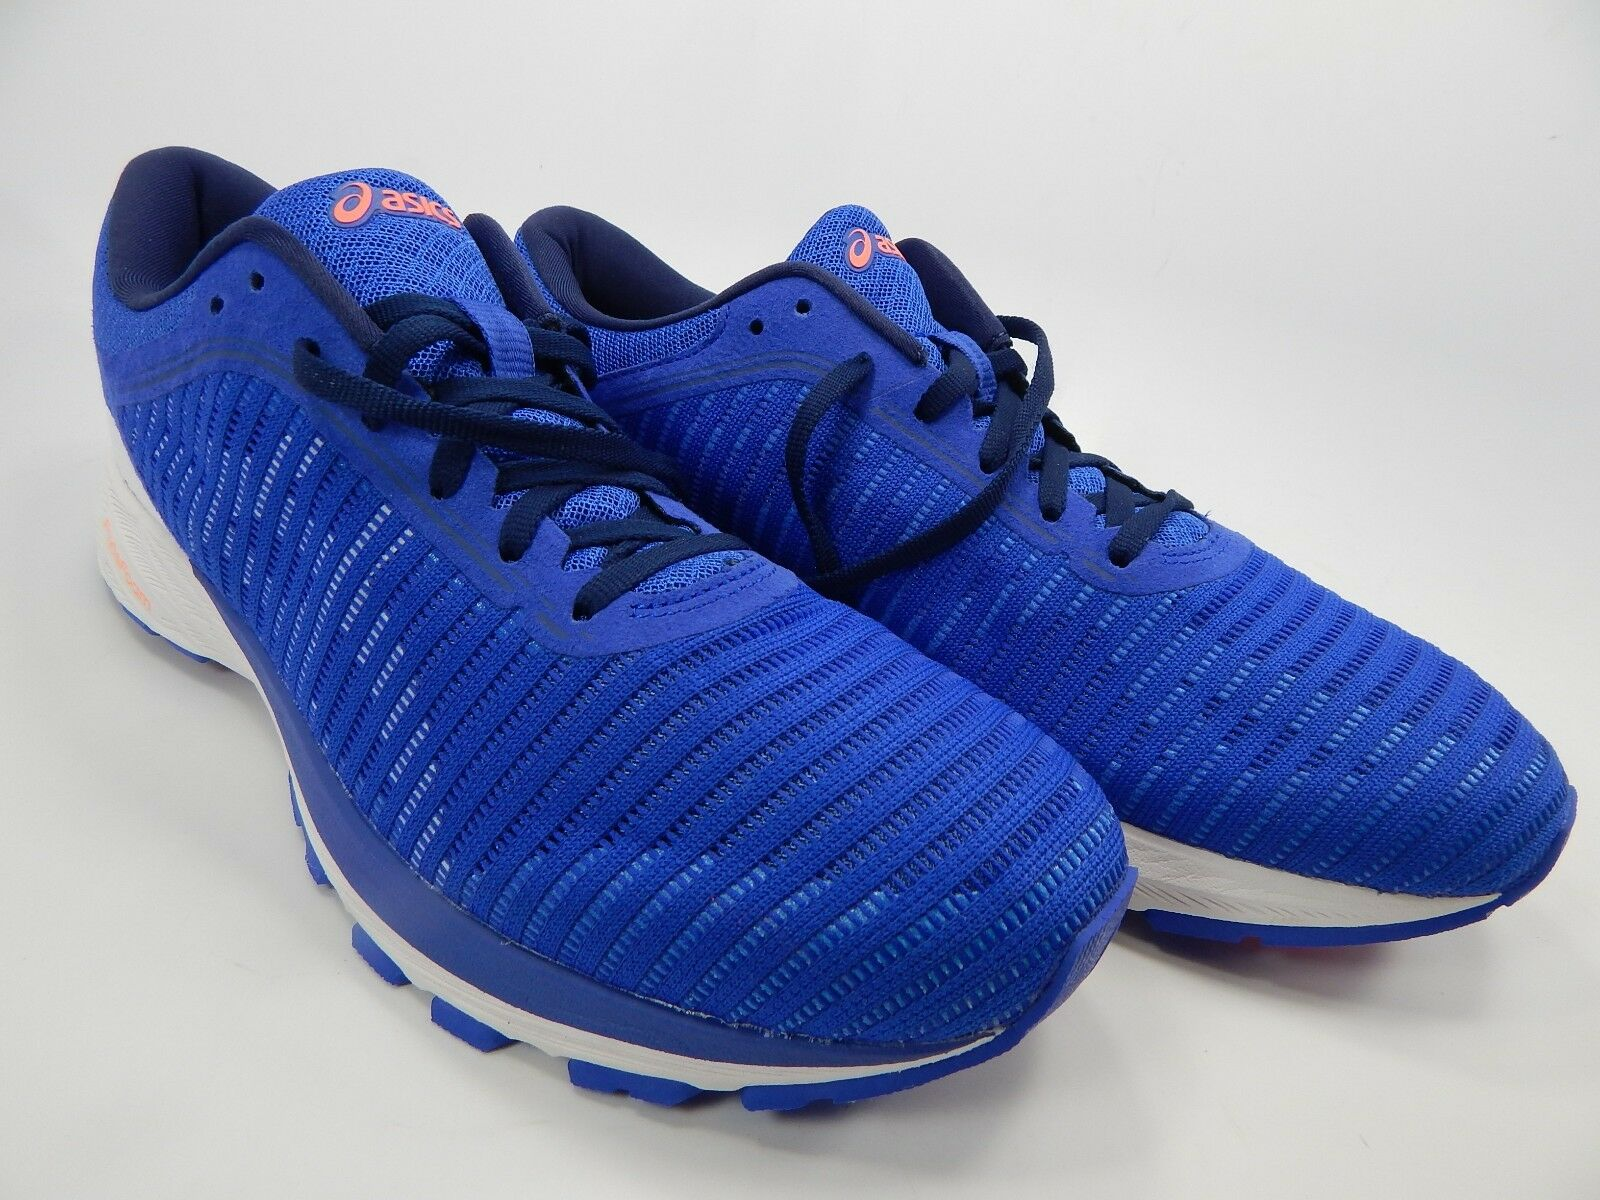 Asics Dynaflyte 2 Size 10 M (B) Women's Running Shoes White Blue T7D5N